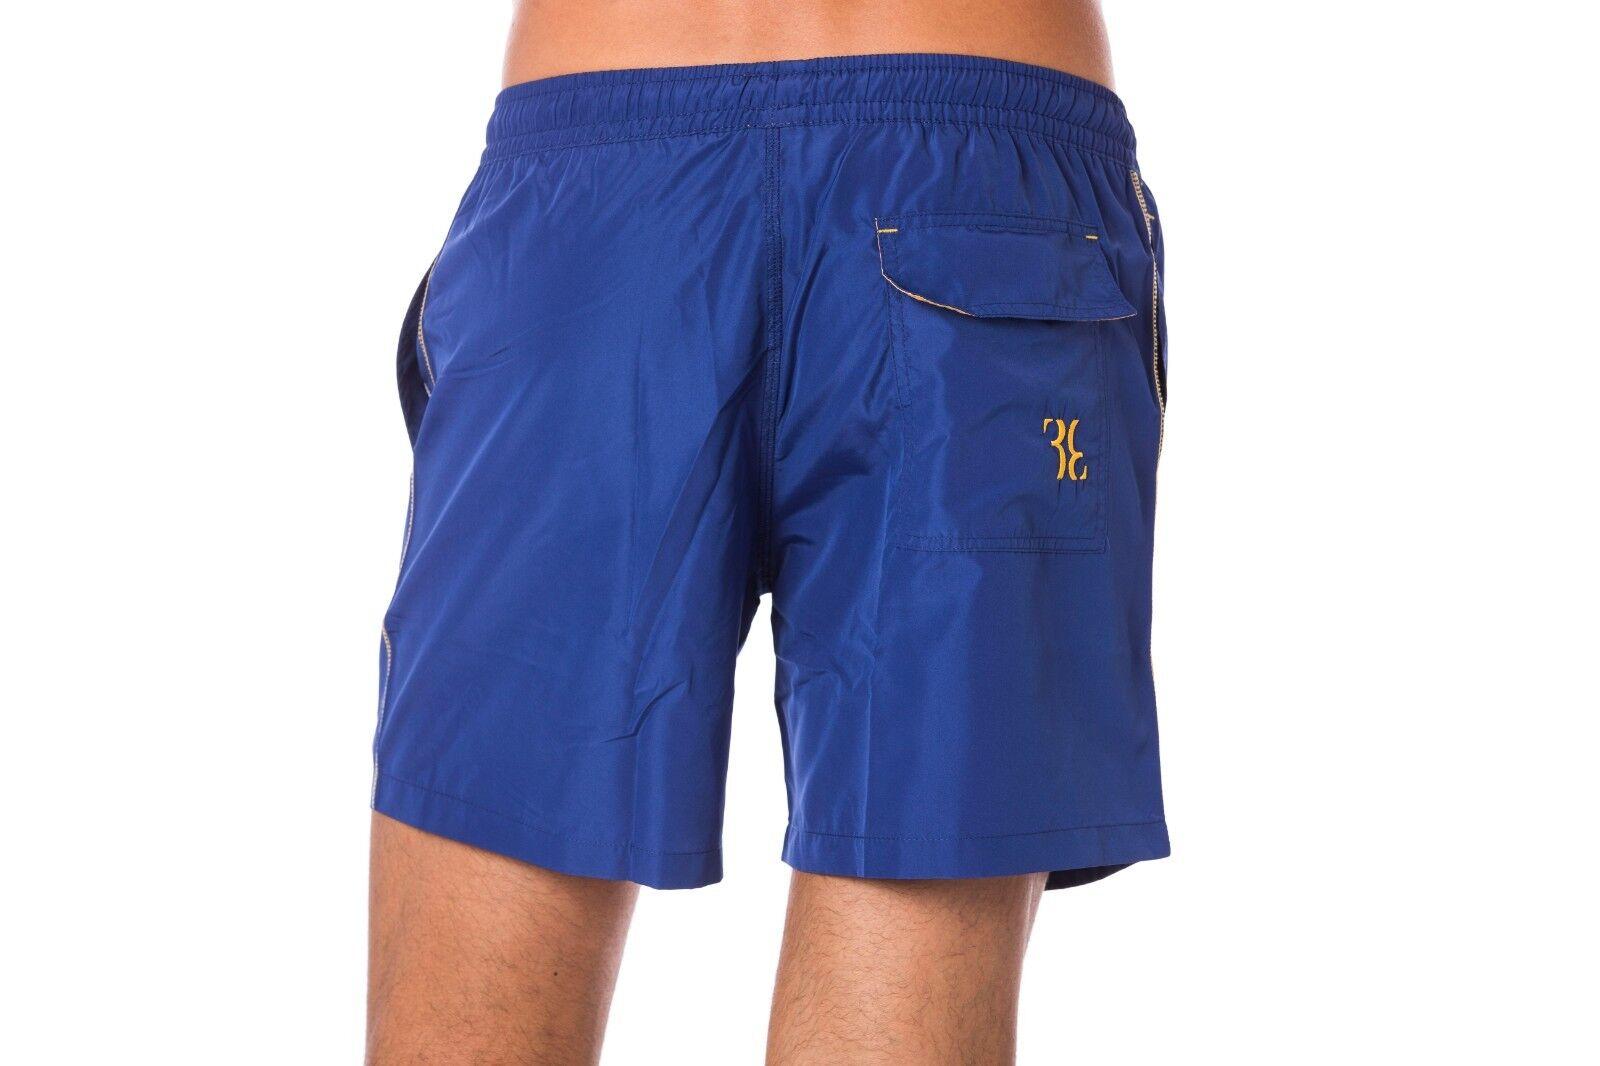 Billionaire Couture Men's SHORT LENGHT SWUIMSUIT bluee (Indigo) sizes  S-4XL